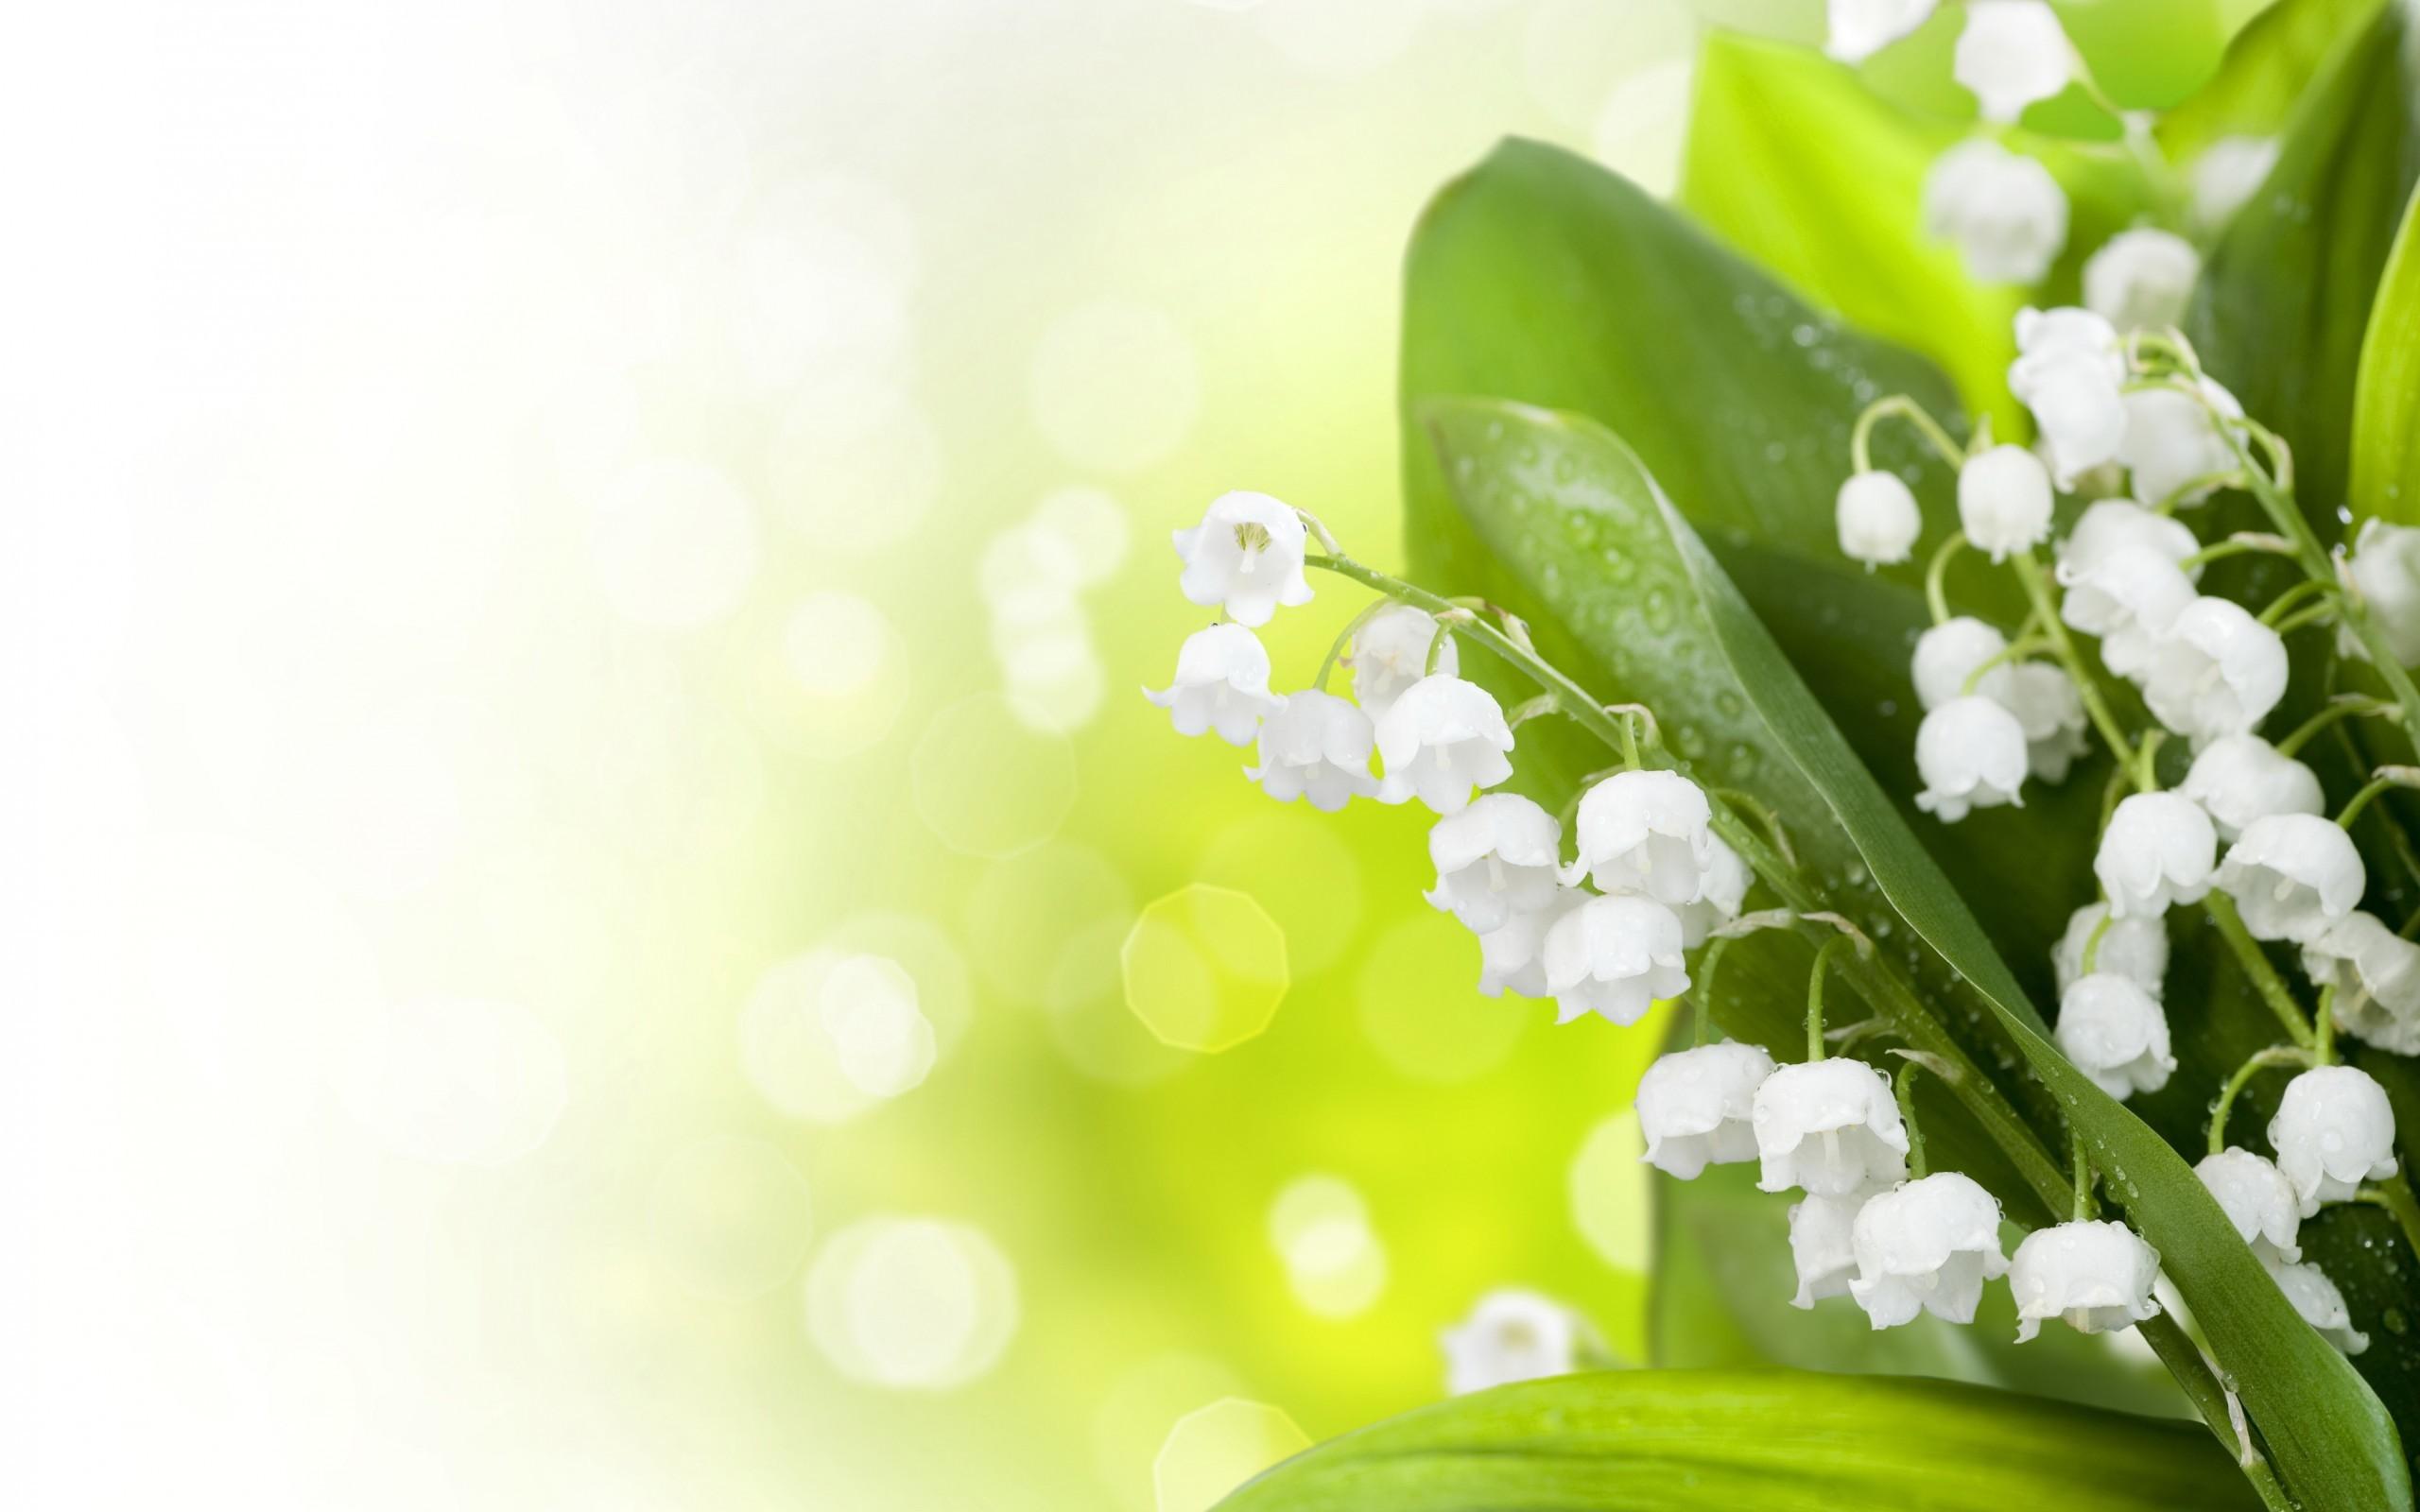 29667 fond d'écran 320x480 sur votre téléphone gratuitement, téléchargez des images Plantes, Fleurs, Muguet 320x480 sur votre mobile